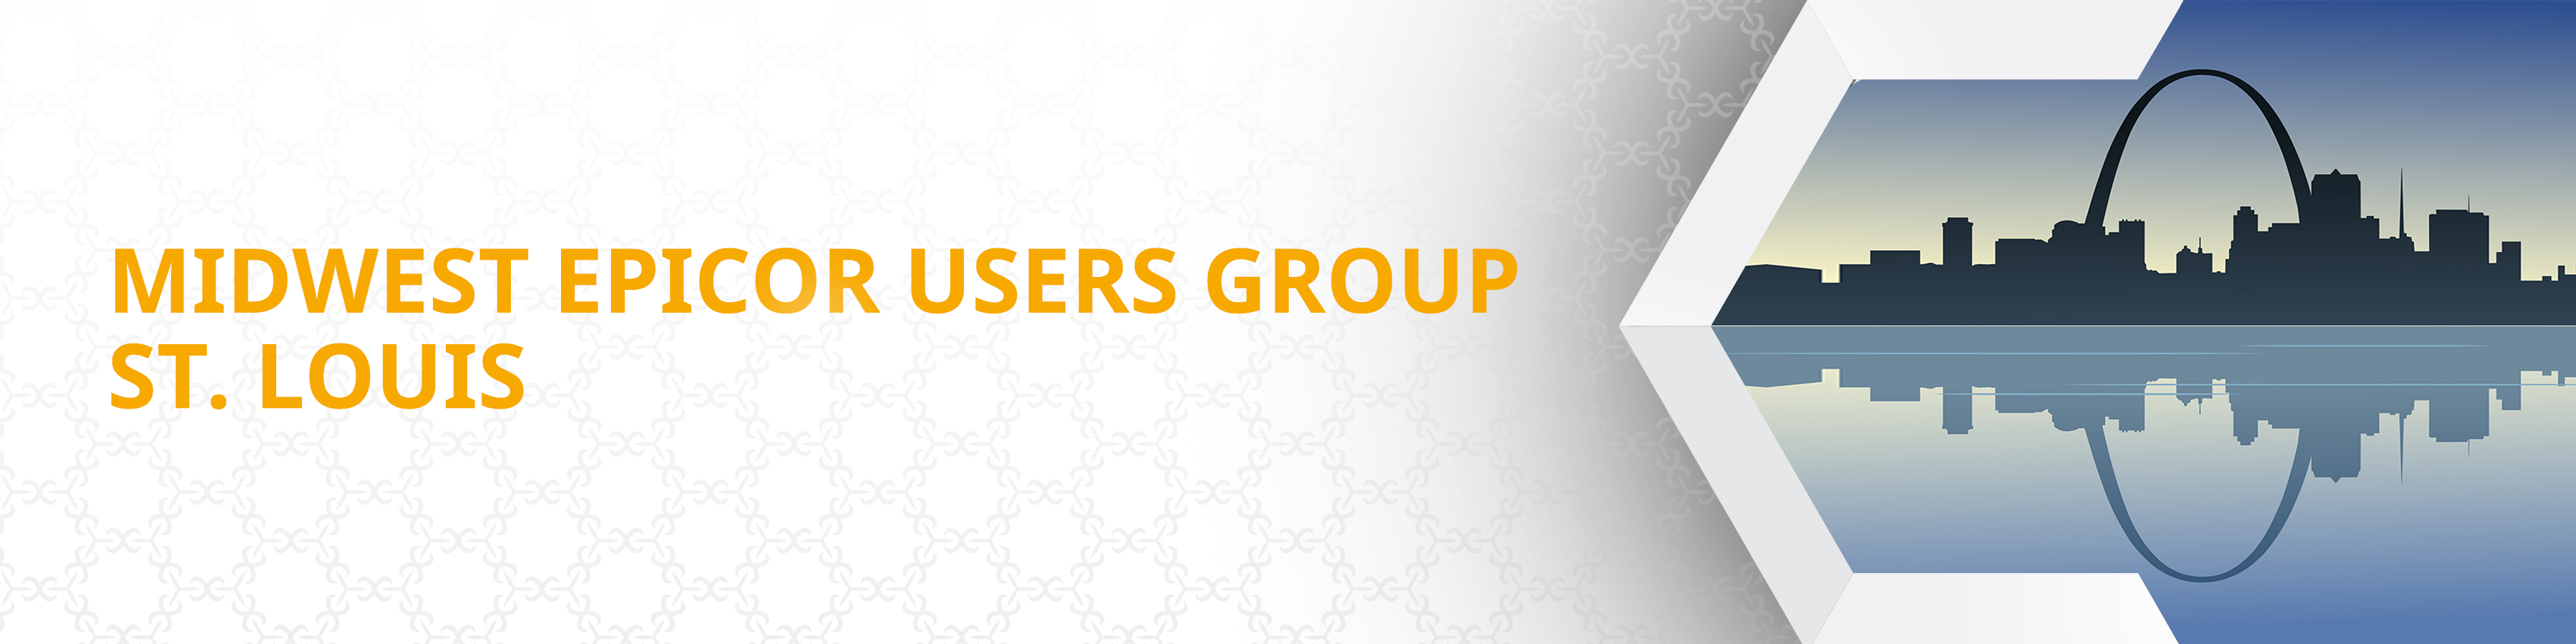 midest-epicor-users-group-header-v2